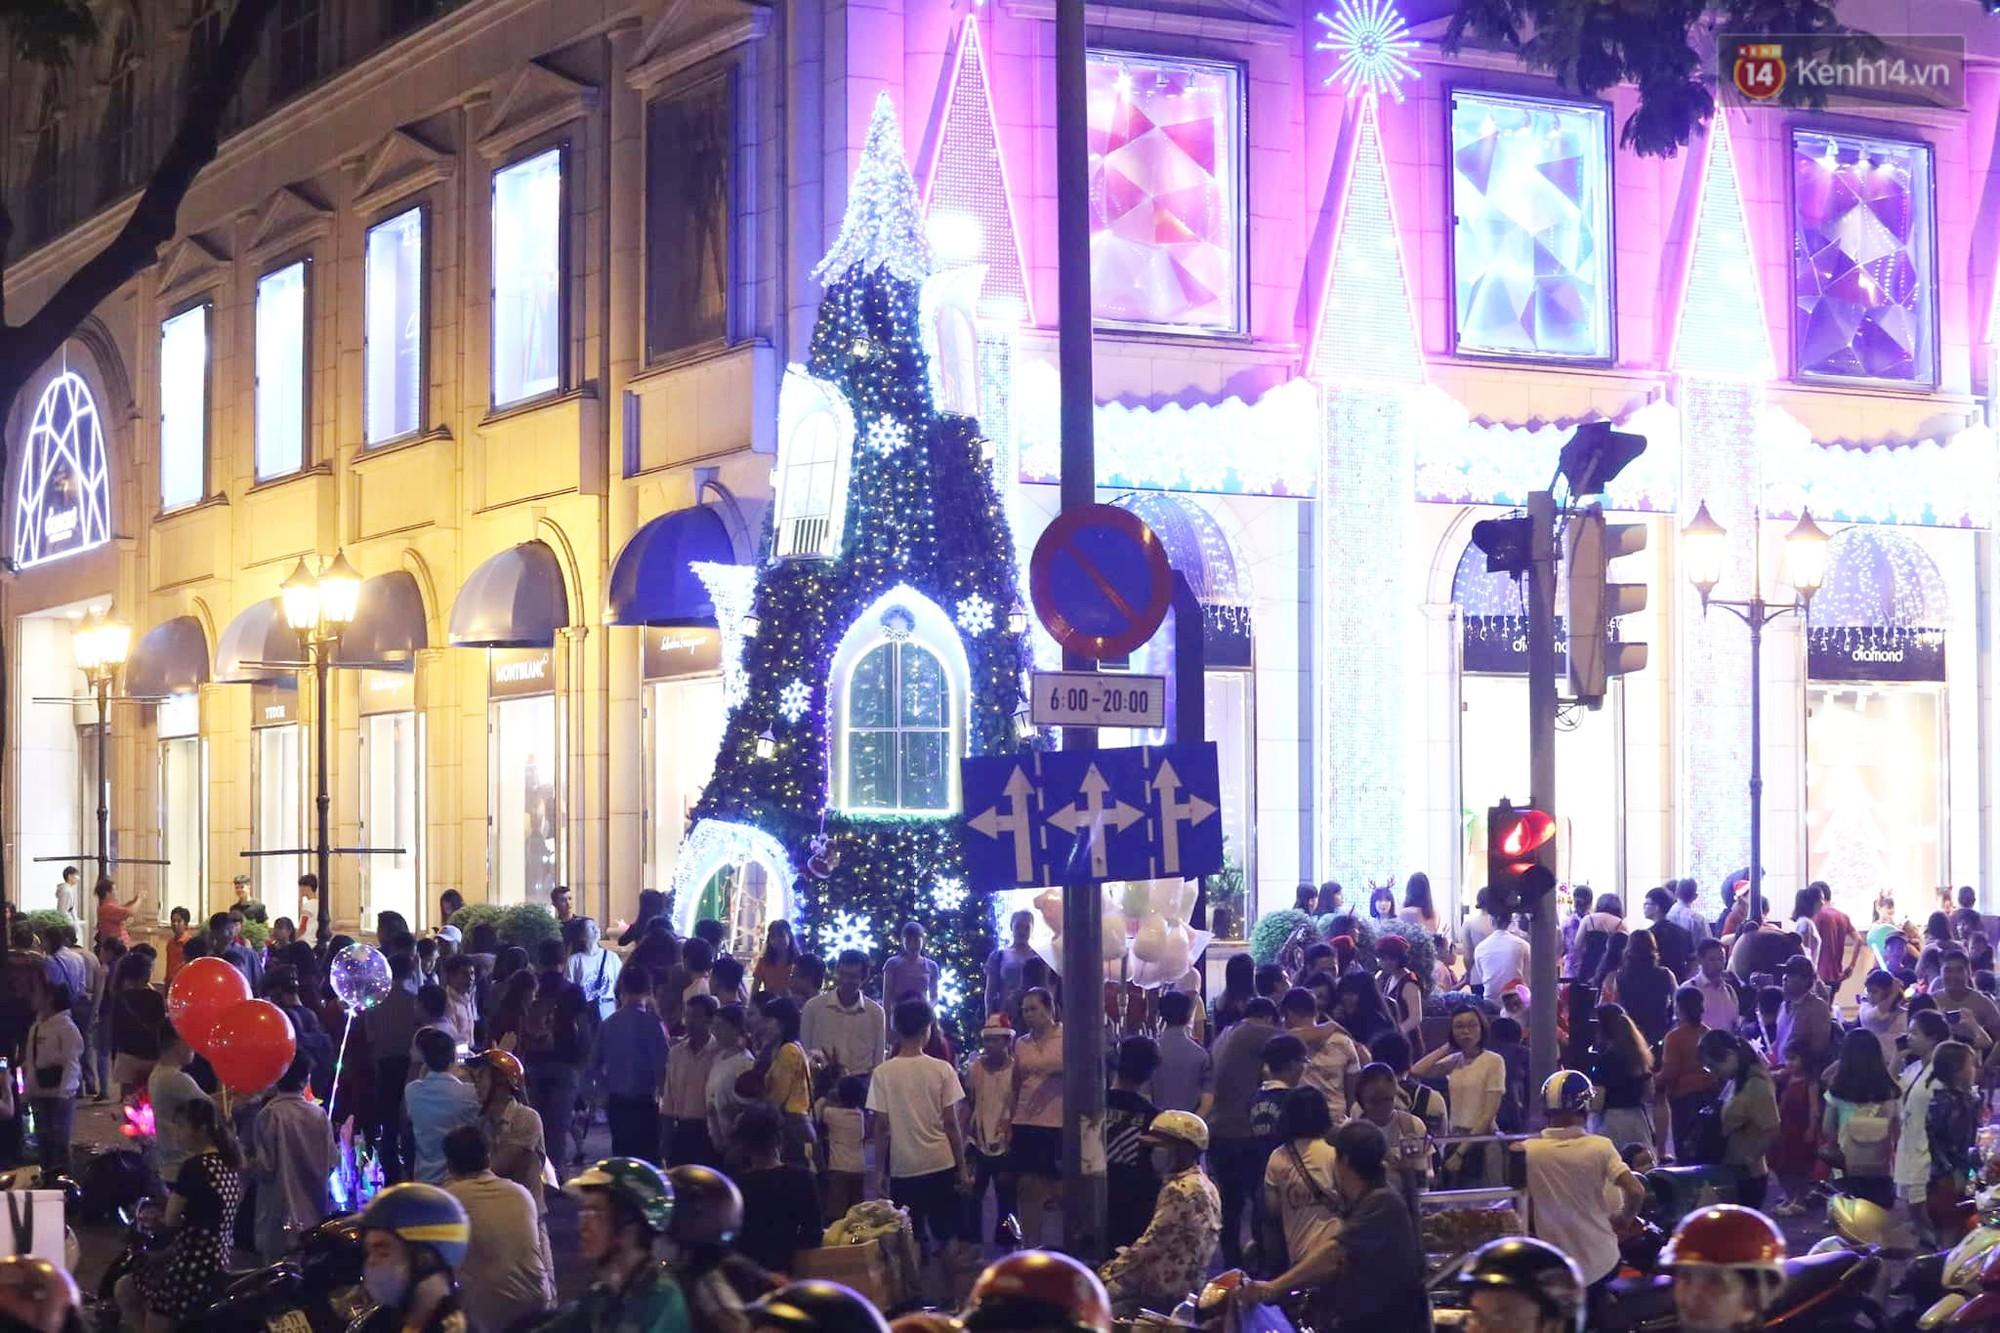 Người dân Hà Nội, Sài Gòn và Đà Nẵng nô nức xuống đường, khắp phố phường khoác lên mình tấm áo Giáng sinh đầy màu sắc - Ảnh 6.